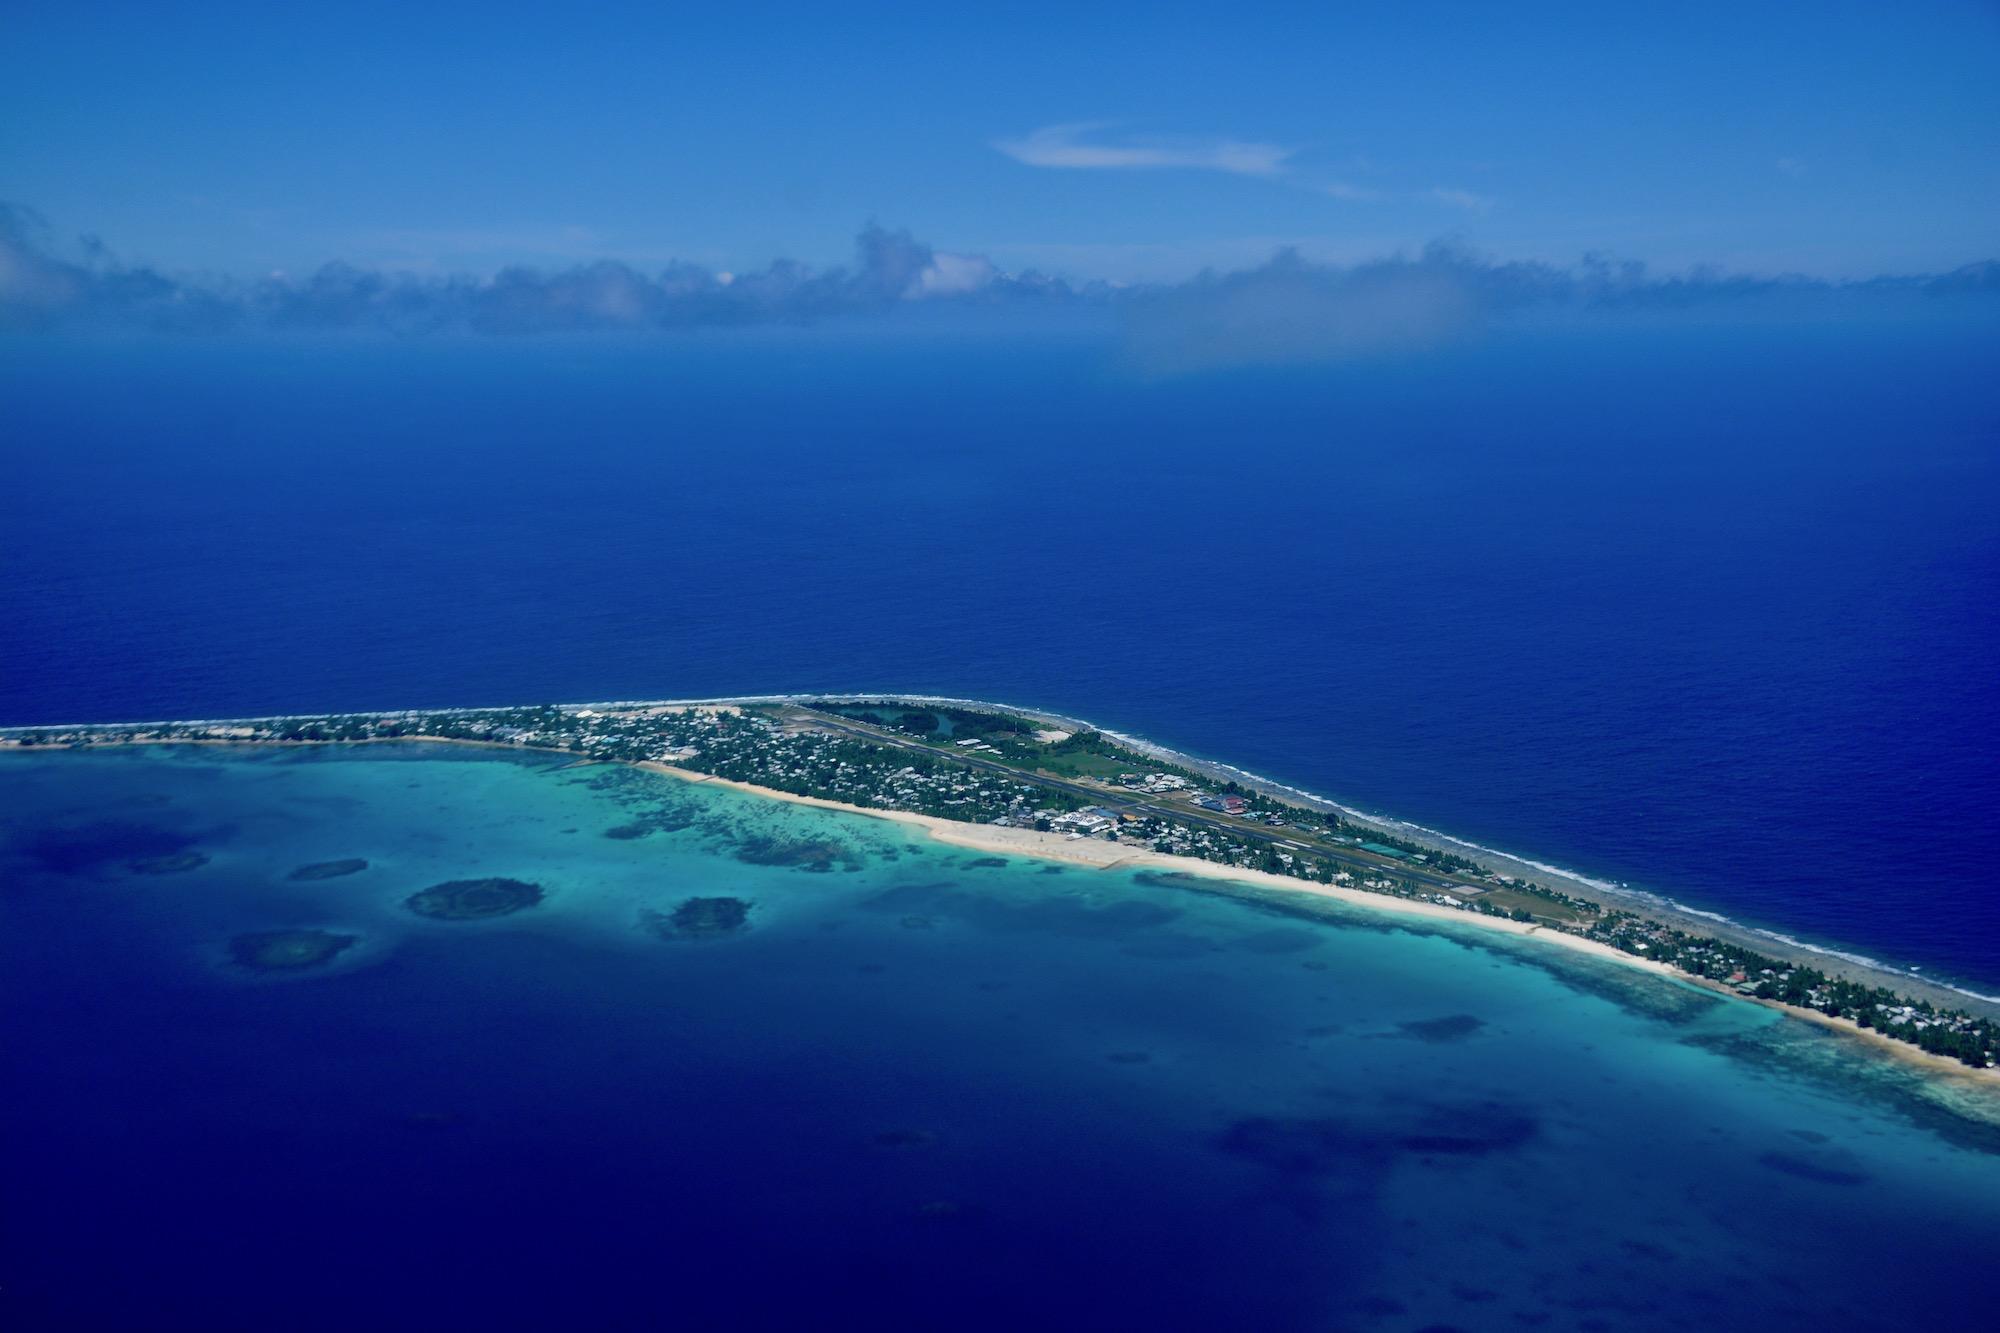 Funafuti atoll, Tuvalu